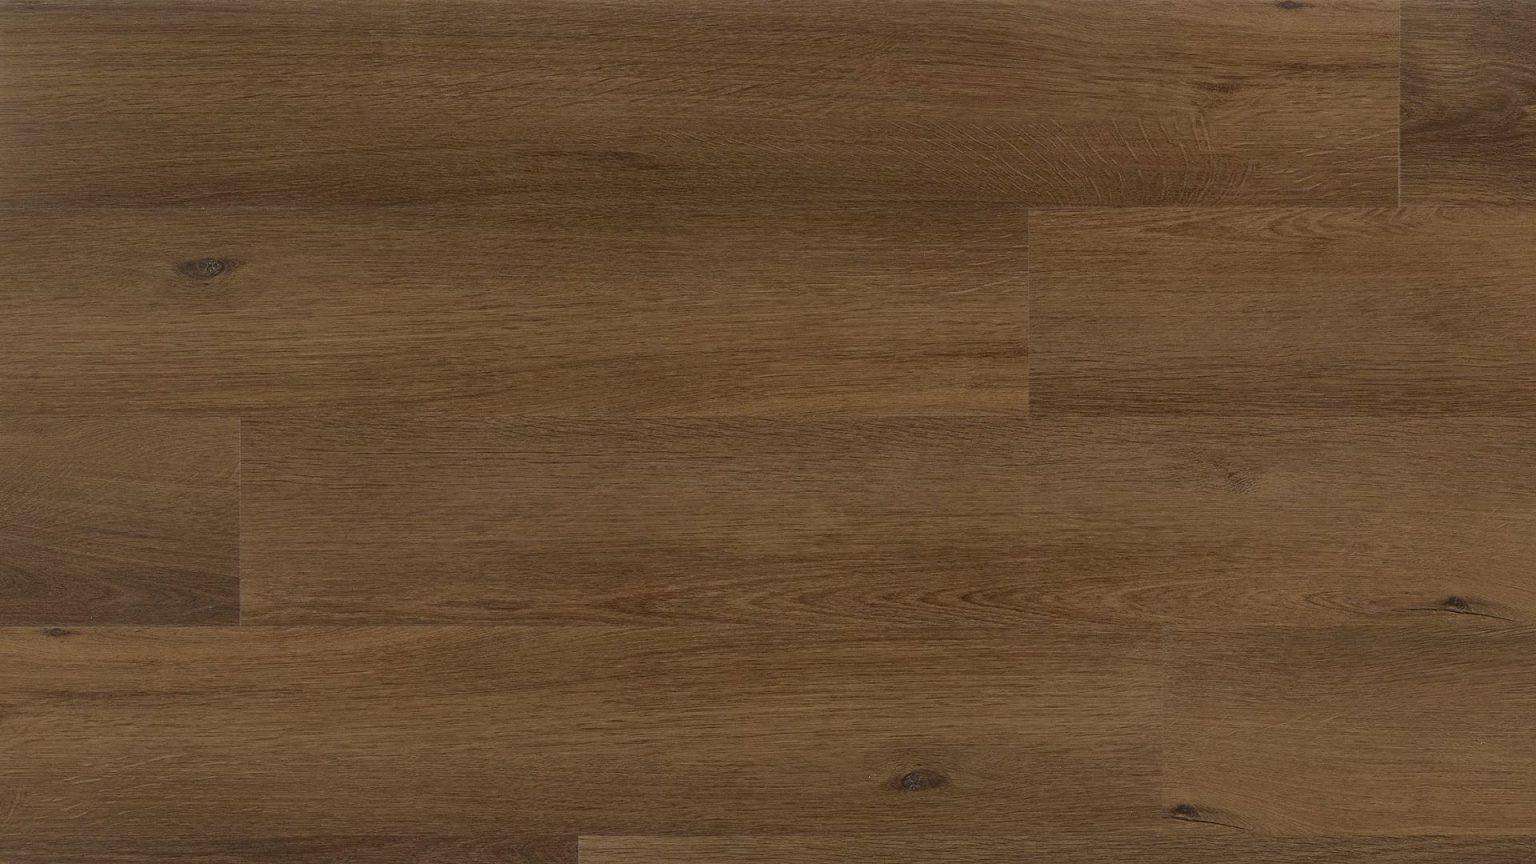 Hamilton 50 LVRE 135 / COREtec® authentics wood